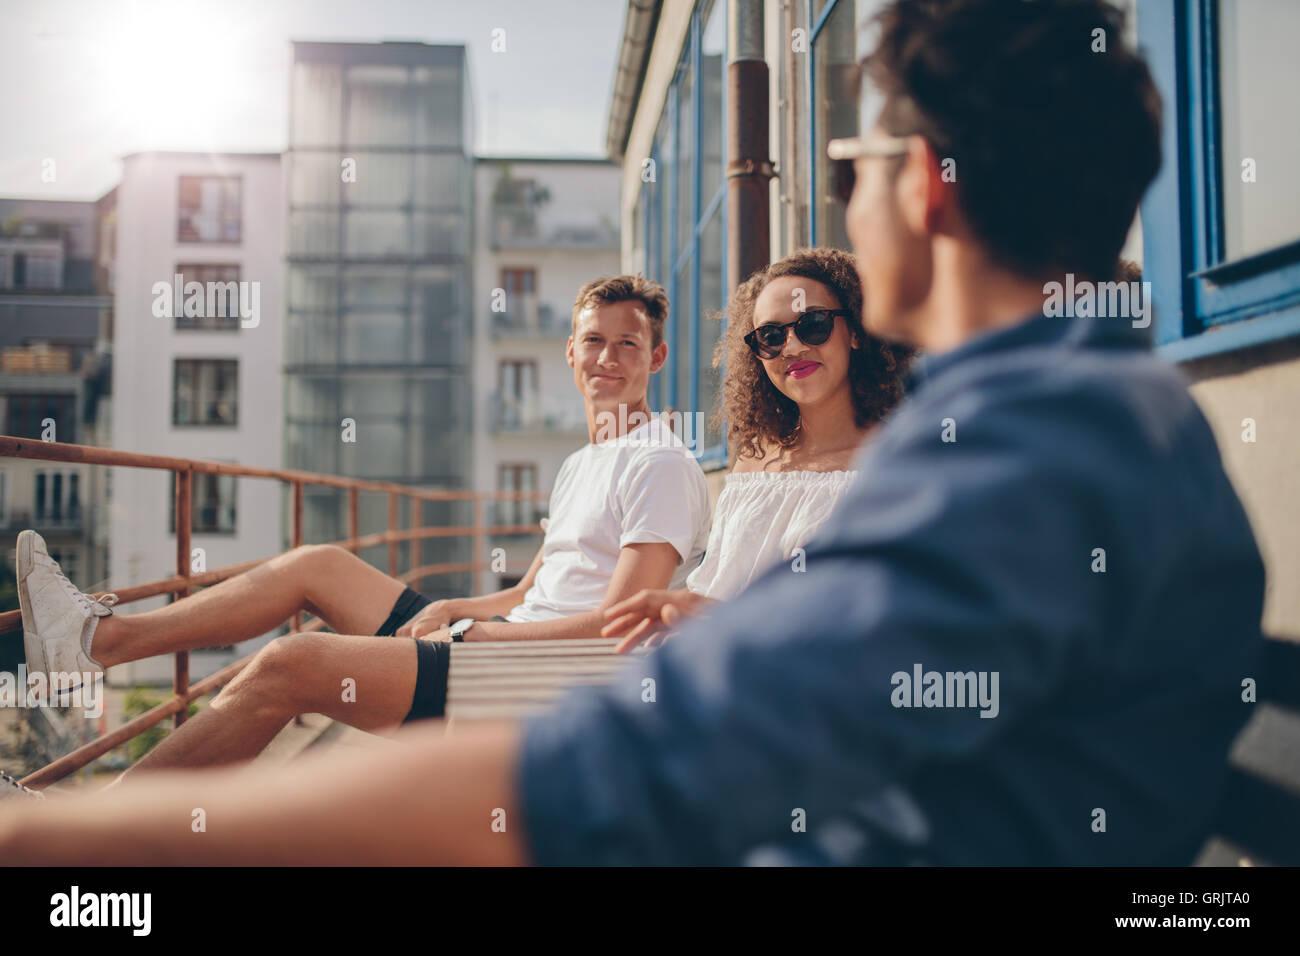 Foto de joven mujer sentada con sus amigos en la cafetería al aire libre. Grupo de jóvenes relajándose Imagen De Stock